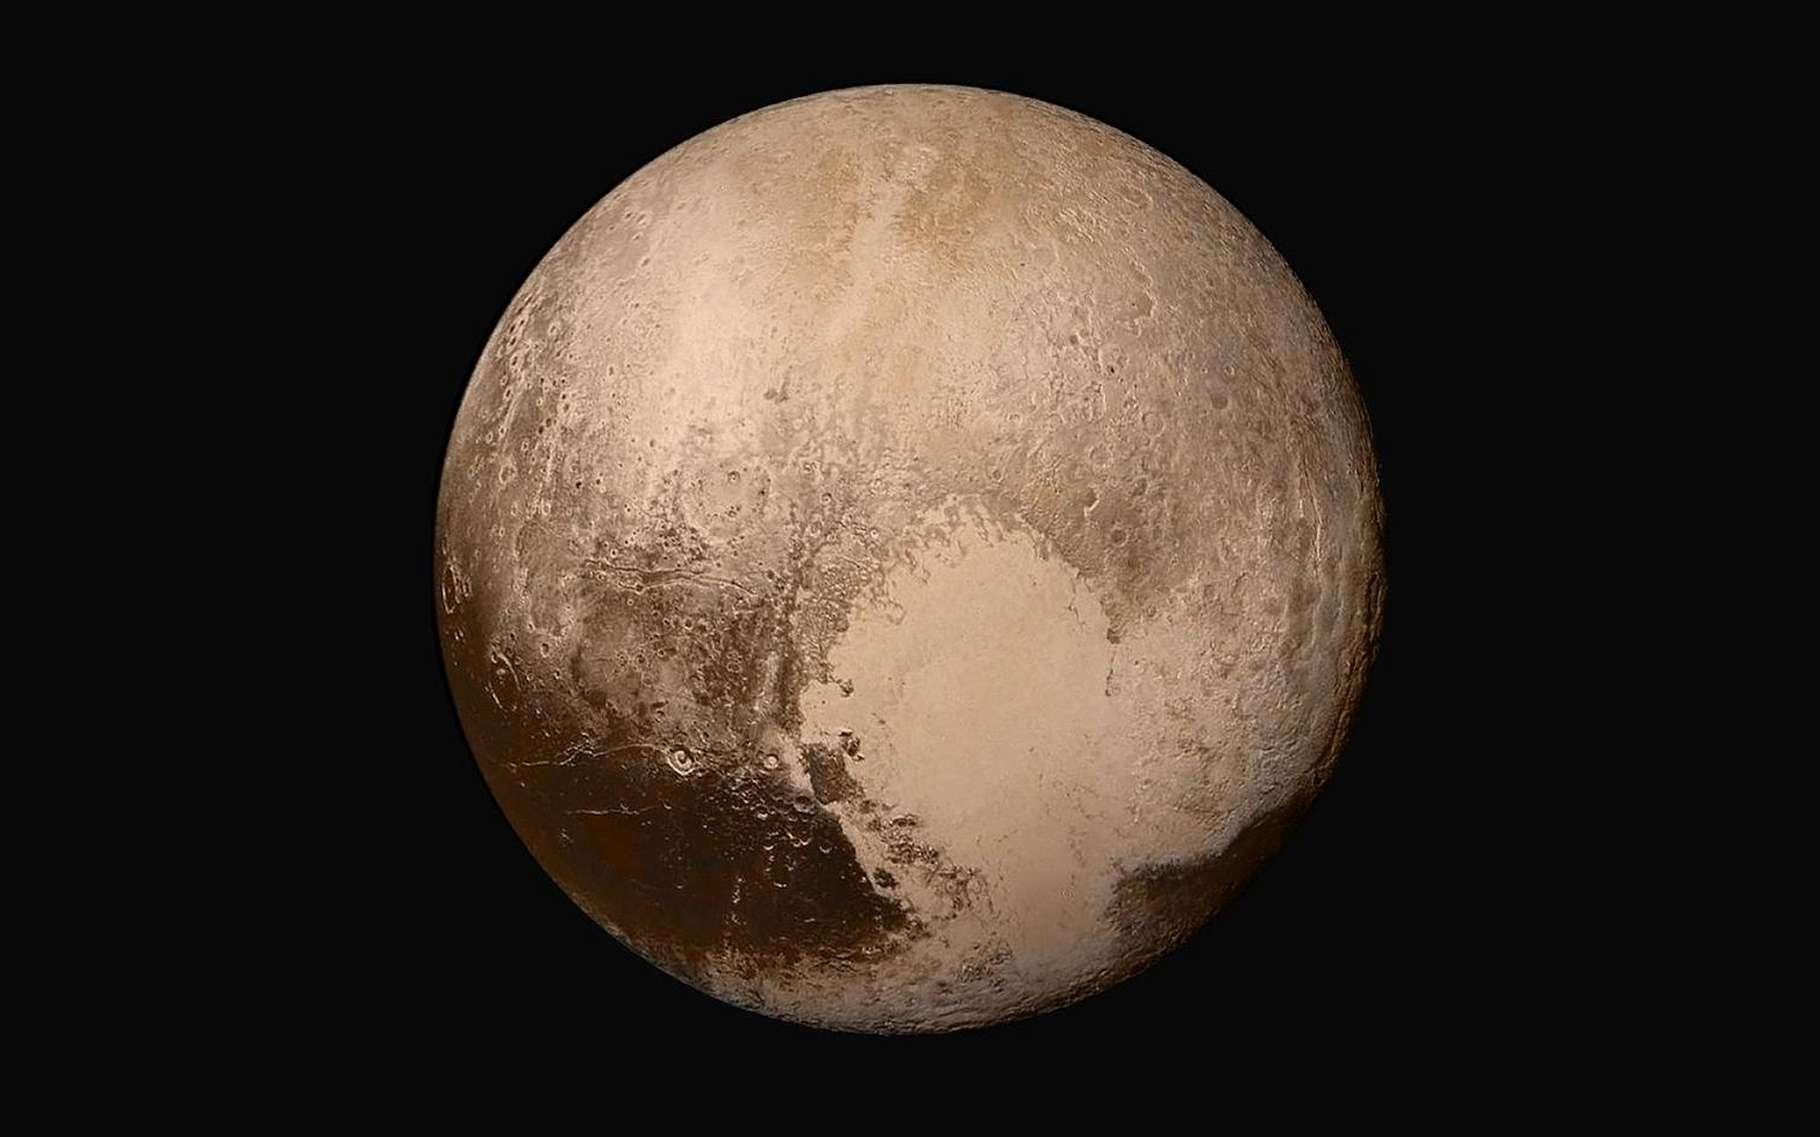 Sur cette image reconstituée à partir de plusieurs clichés envoyés par la mission New Horizon (Nasa), le « cœur battant » de Pluton apparaît bien nettement. Selon des chercheurs de la Nasa (États-Unis), il serait le moteur des vents qui soufflent sur la planète naine. © Nasa/Johns Hopkins University Applied Physics Laboratory/Southwest Research Institute